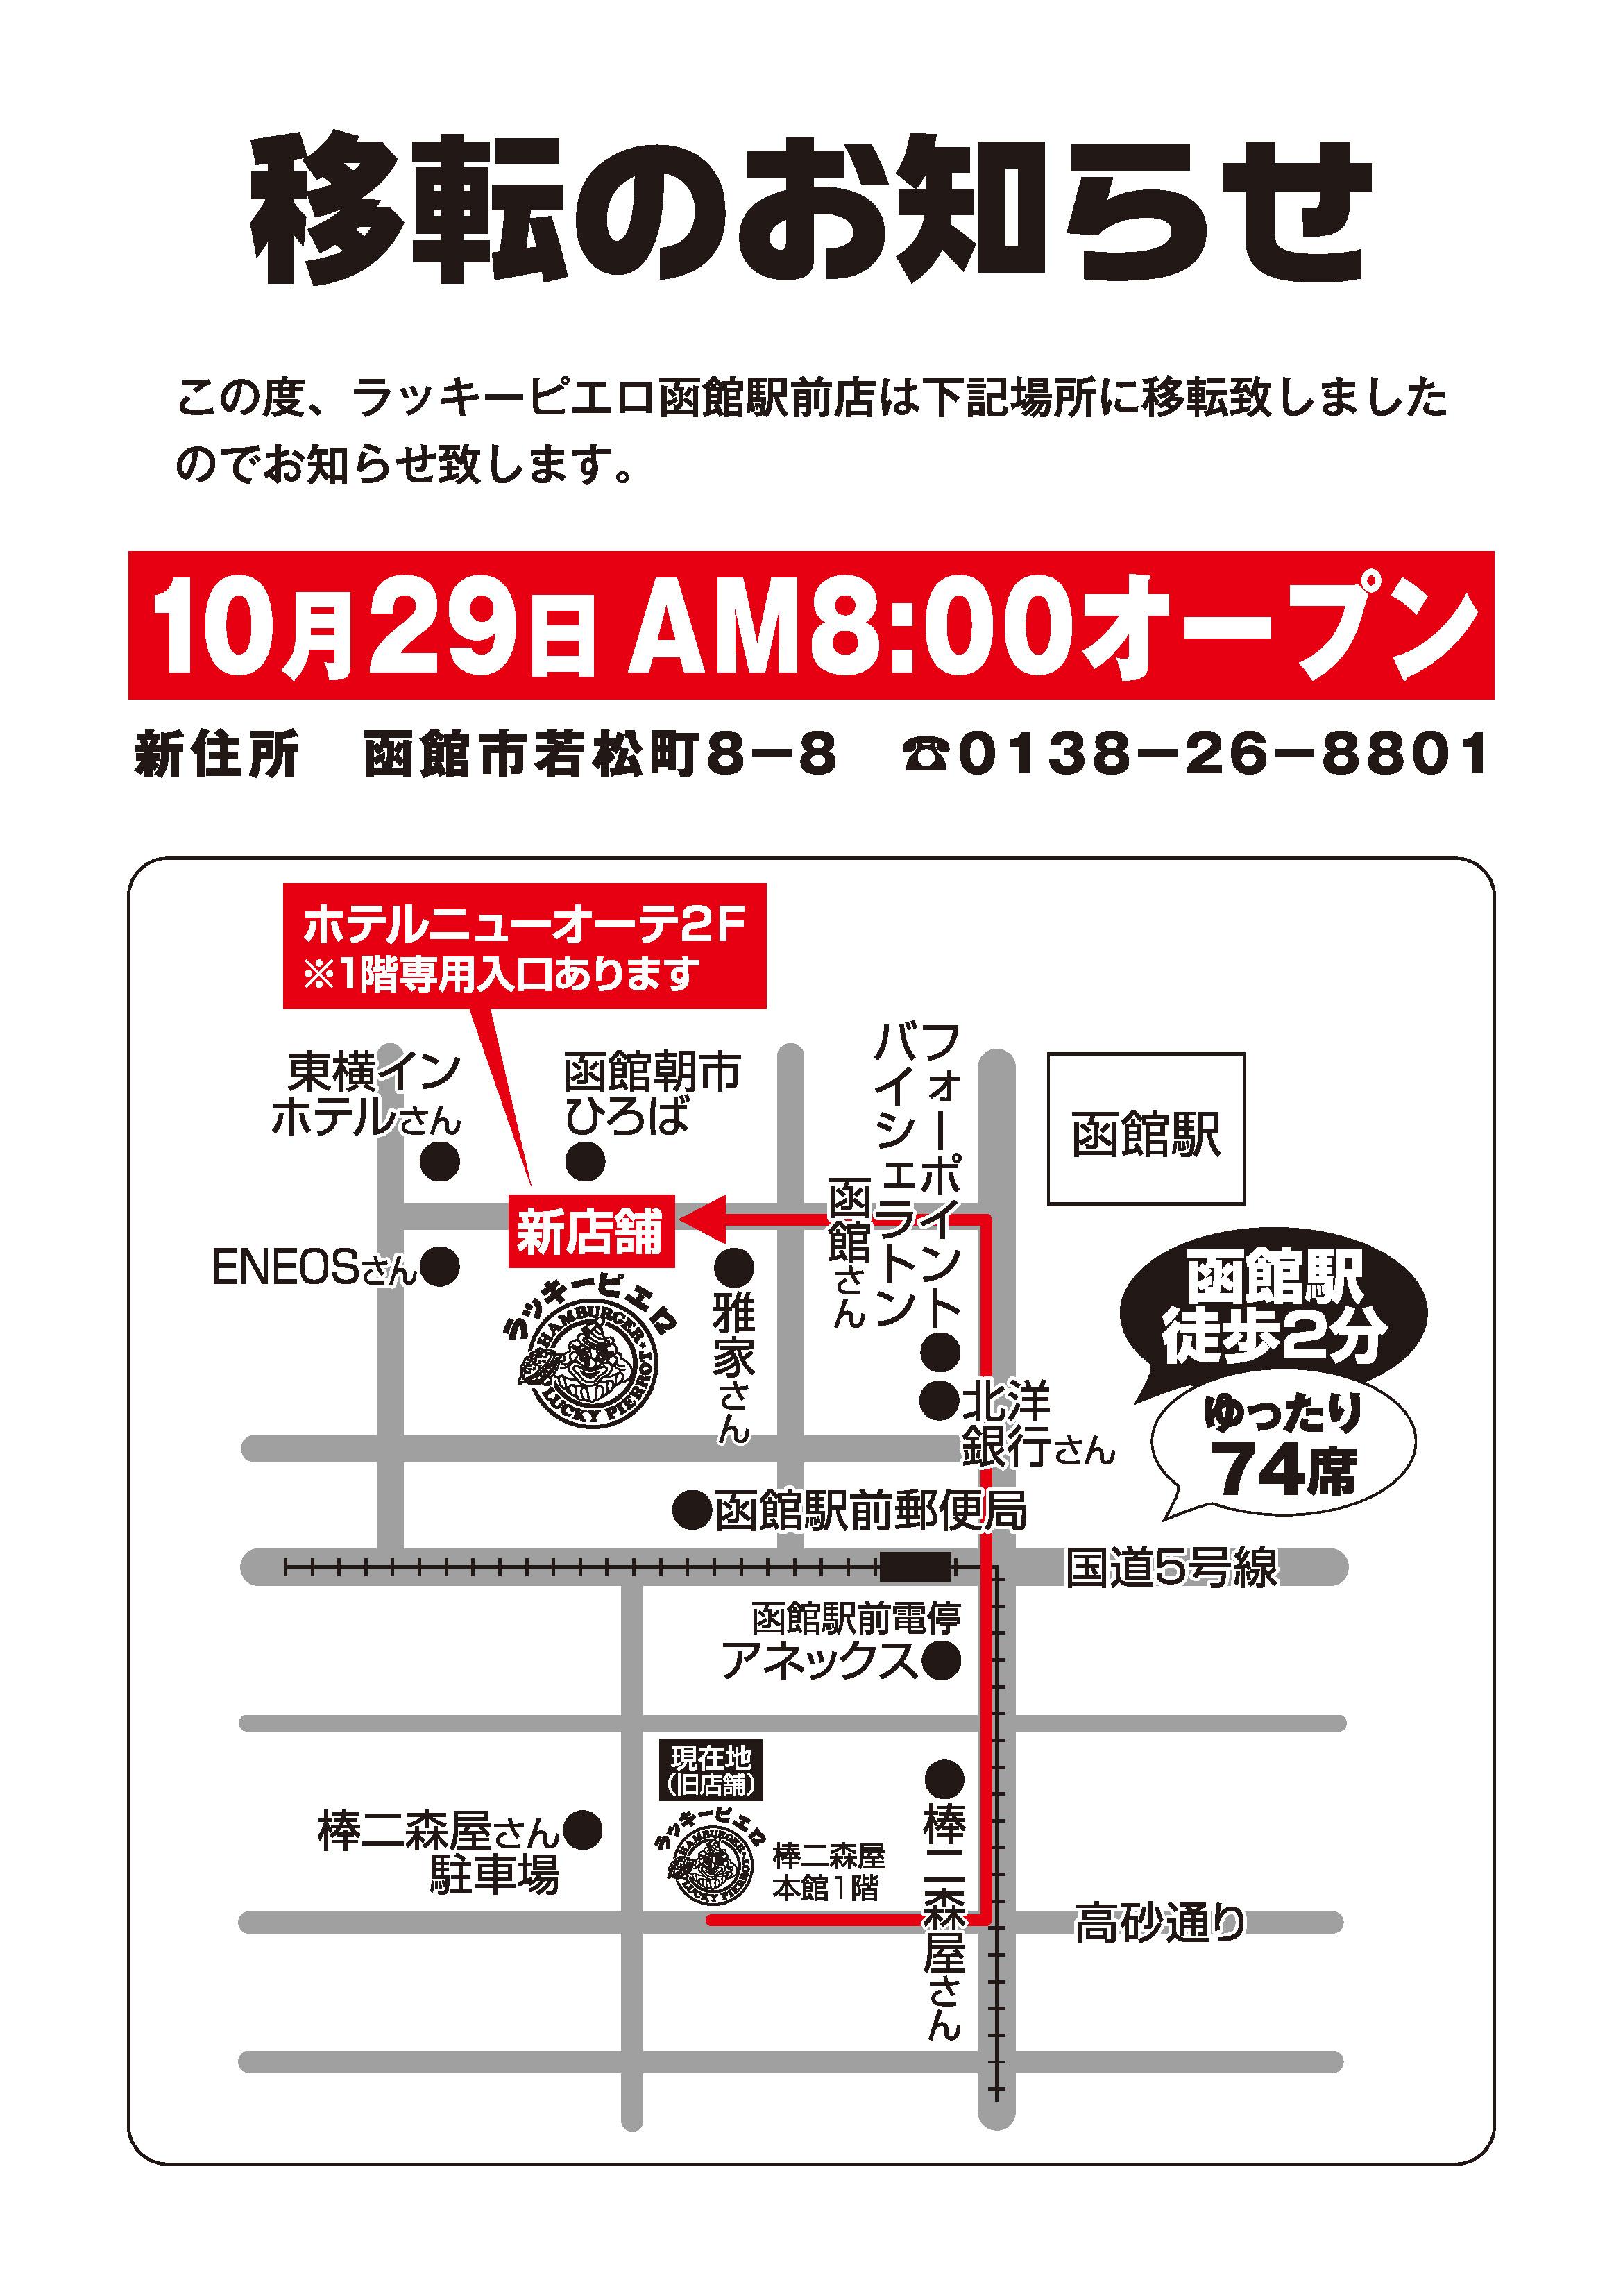 1910_函館駅前店_移転のお知らせ